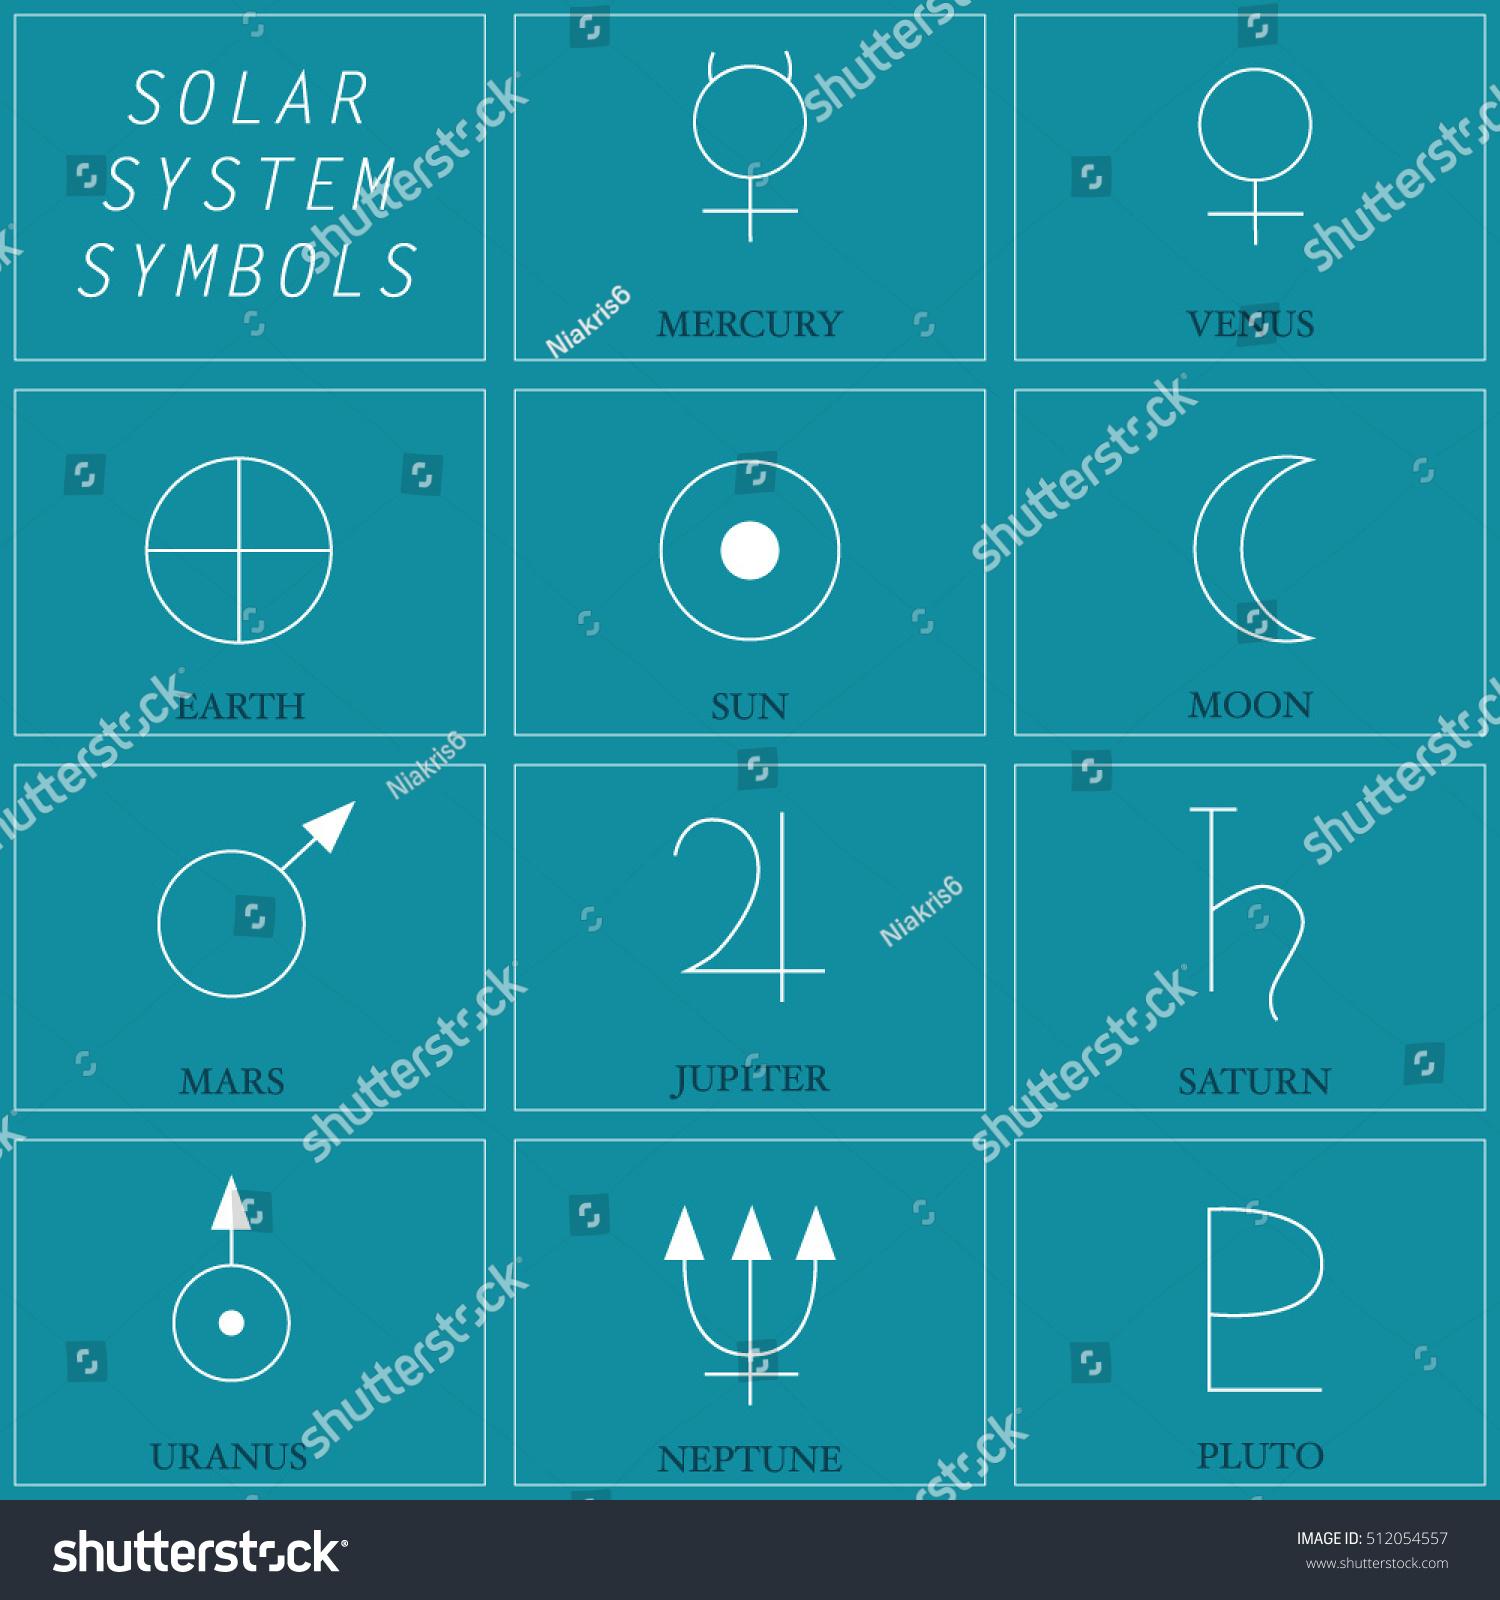 Vector illustration solar system symbols flat stock vector vector illustration of the solar system symbols flat design buycottarizona